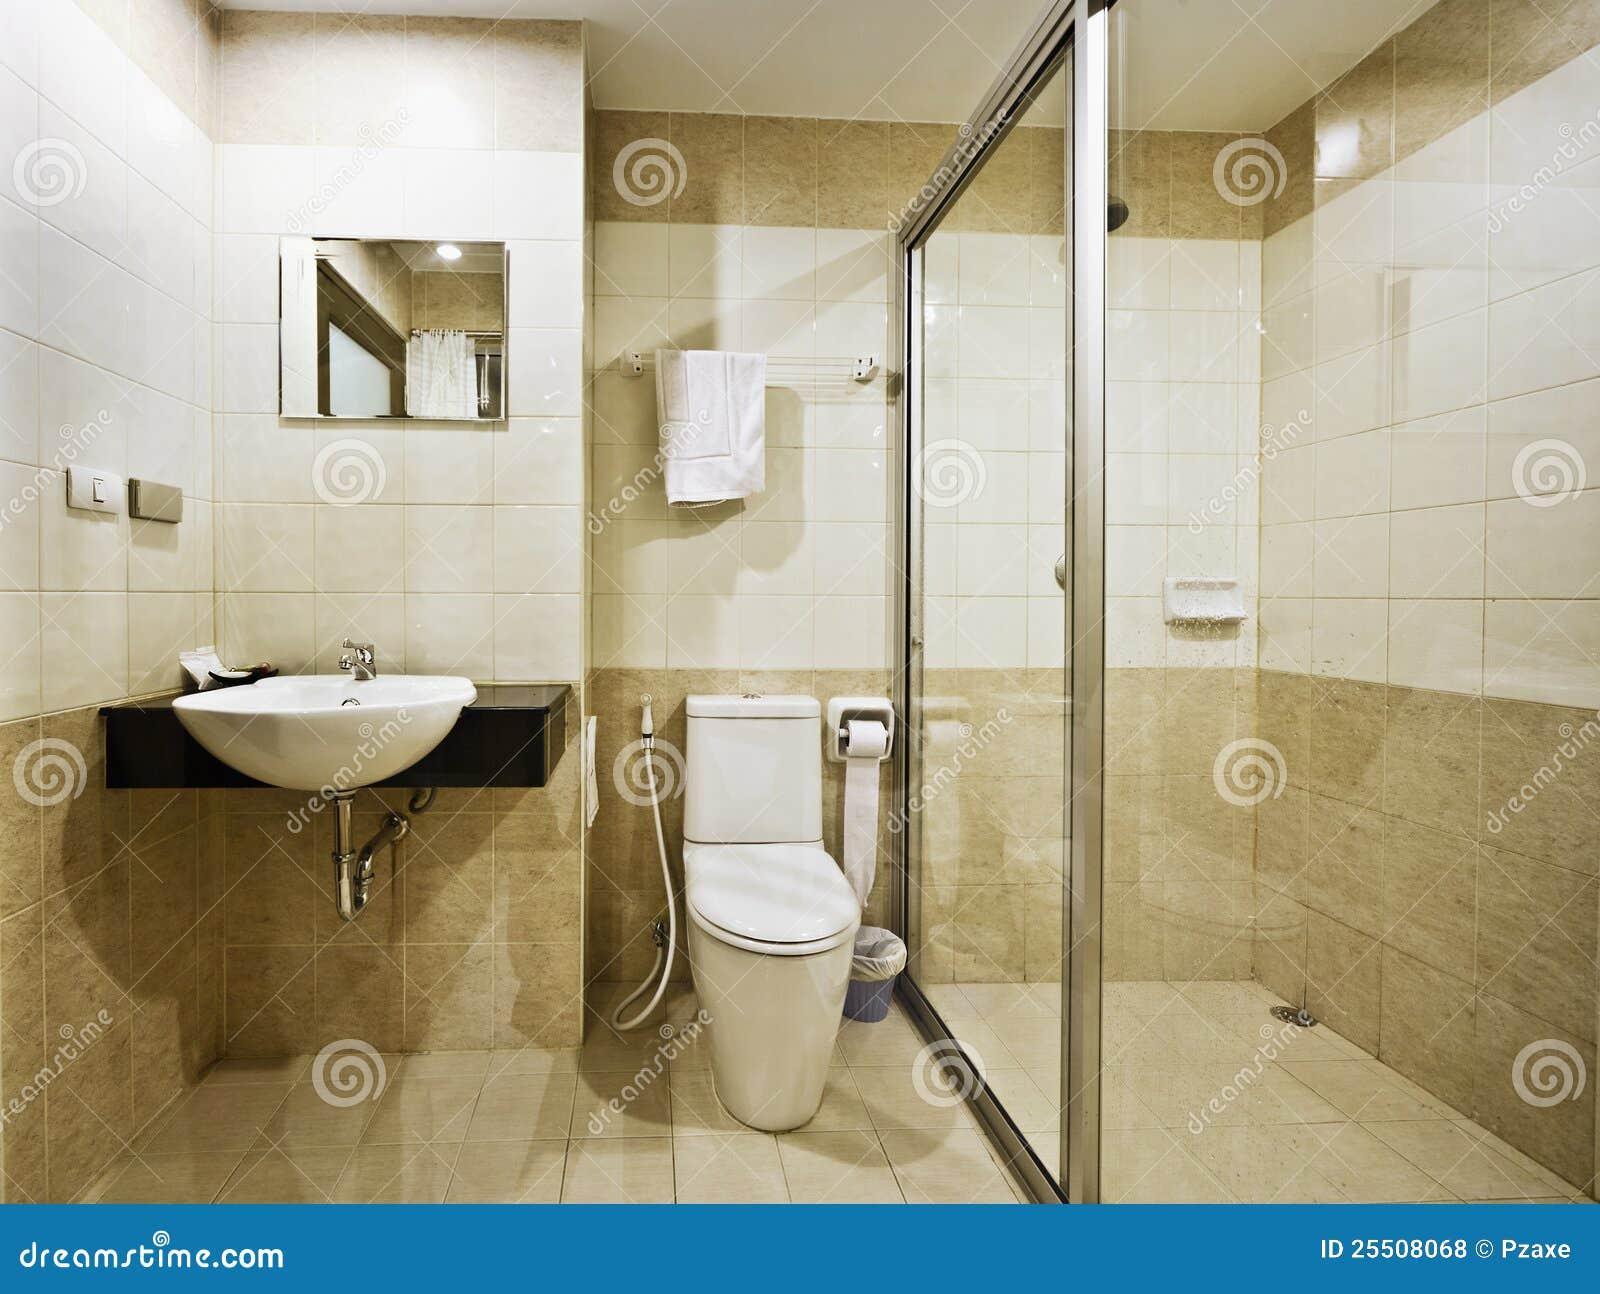 Psyche Pivotant Salle De Bain ~ salle de bains dans un h tel de budget photo stock image du propre